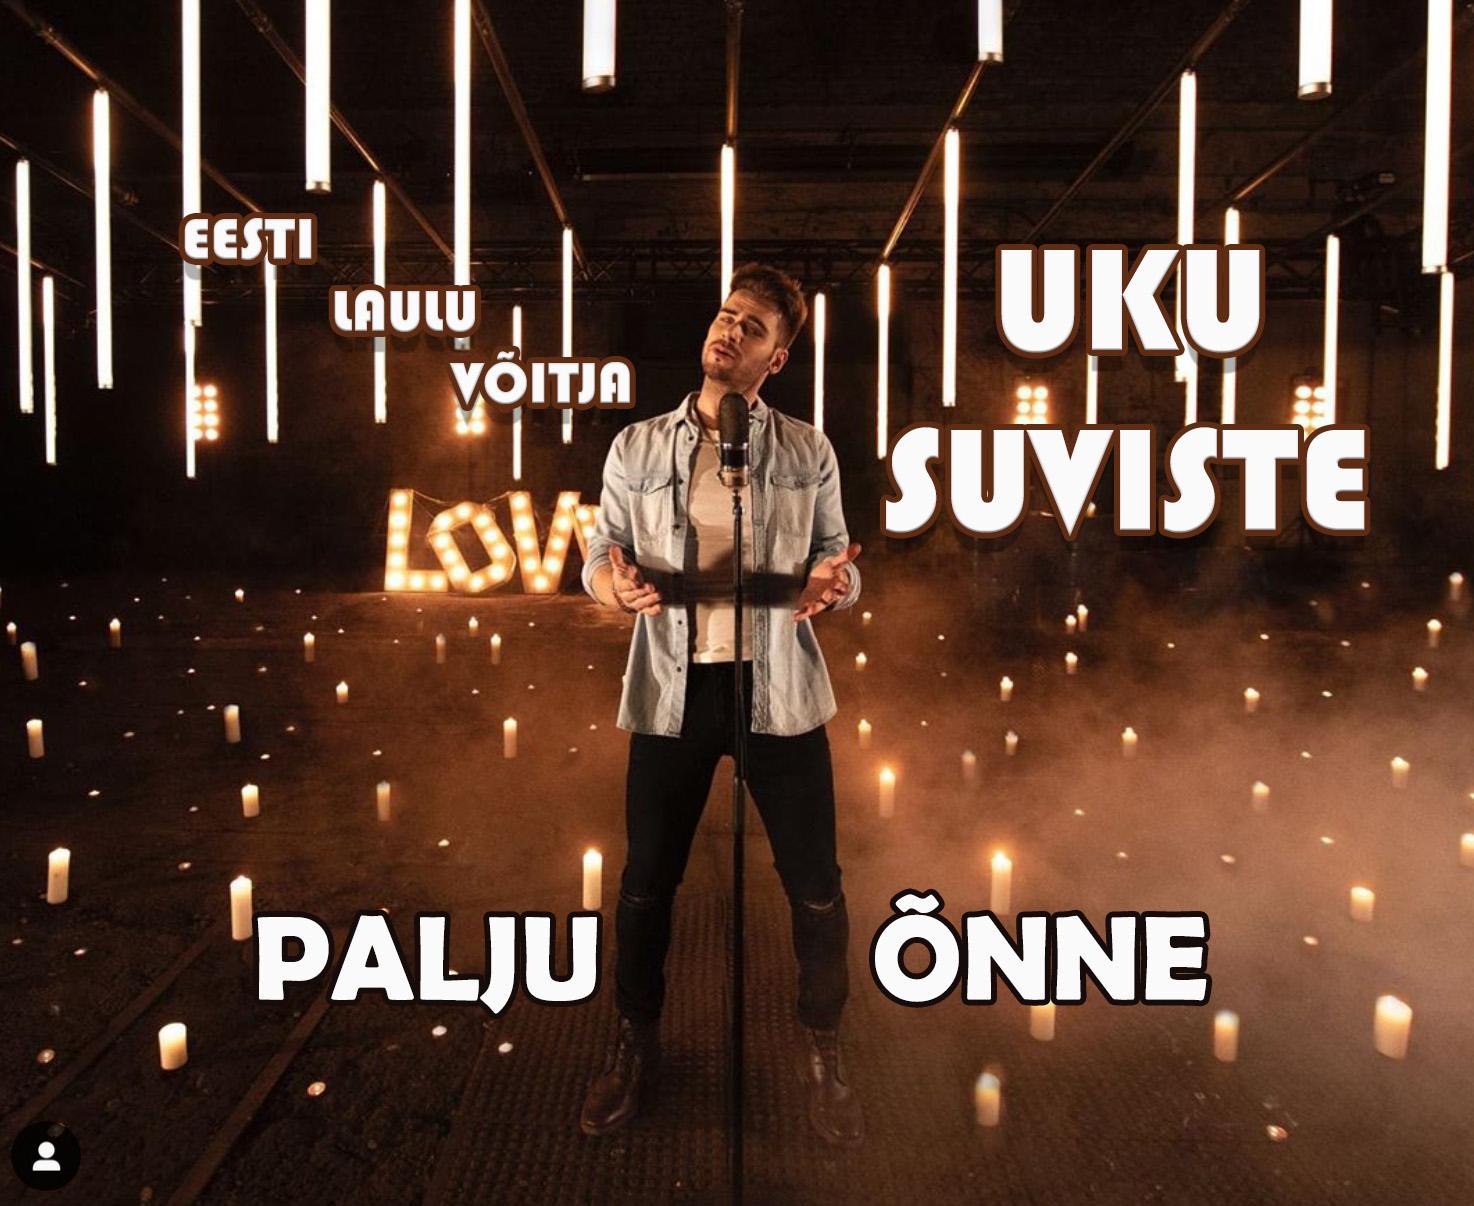 PALJU ÕNNE Uku Suvistele Eesti Laul 2020 võidu puhul – see oli ülekaalukalt eestlaste lemmik